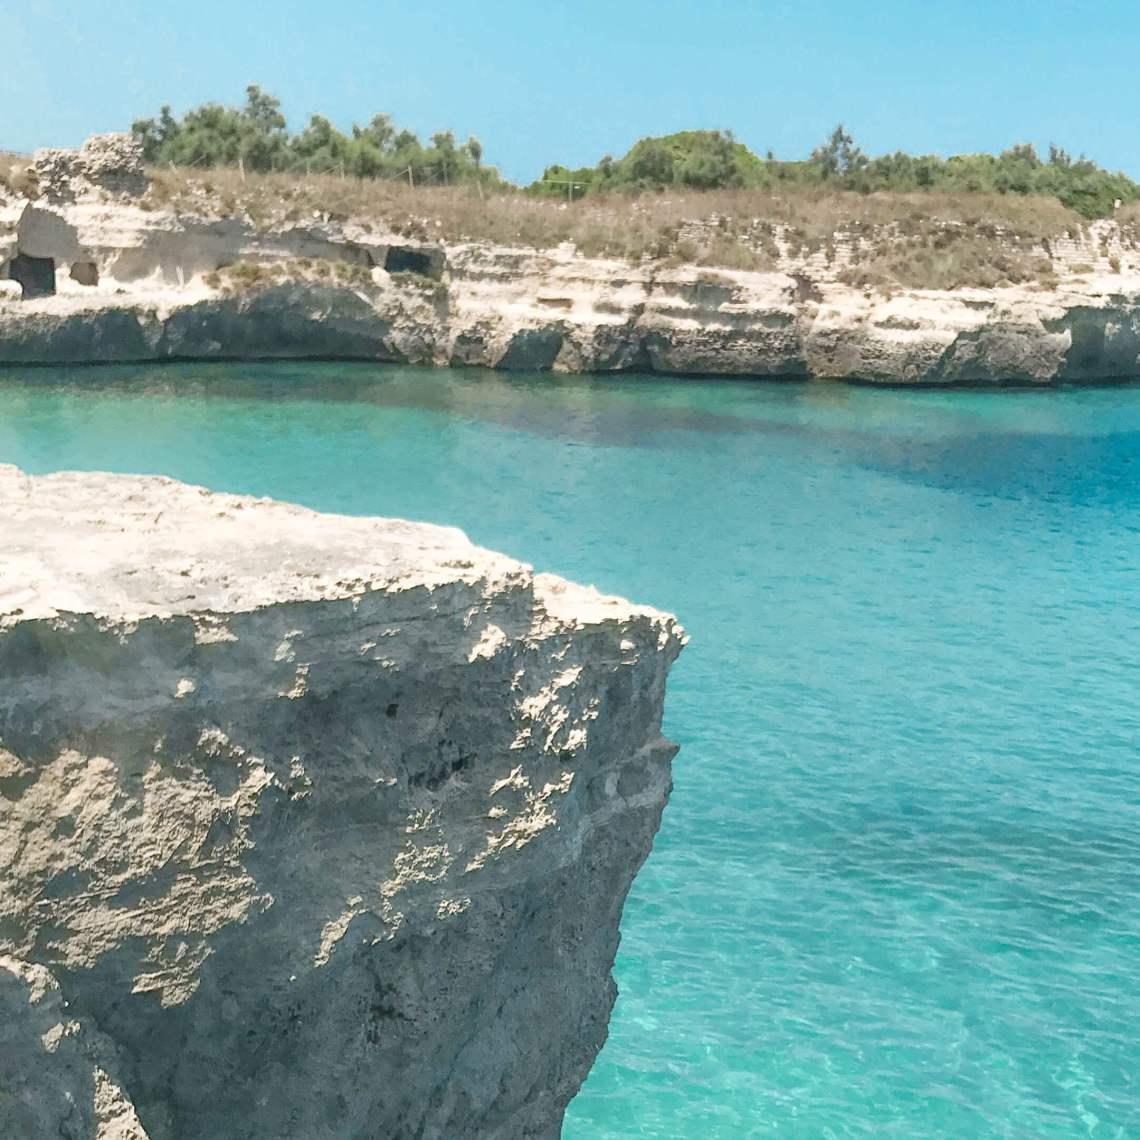 salento-grotta della poesia-mare cristallino e scogliera